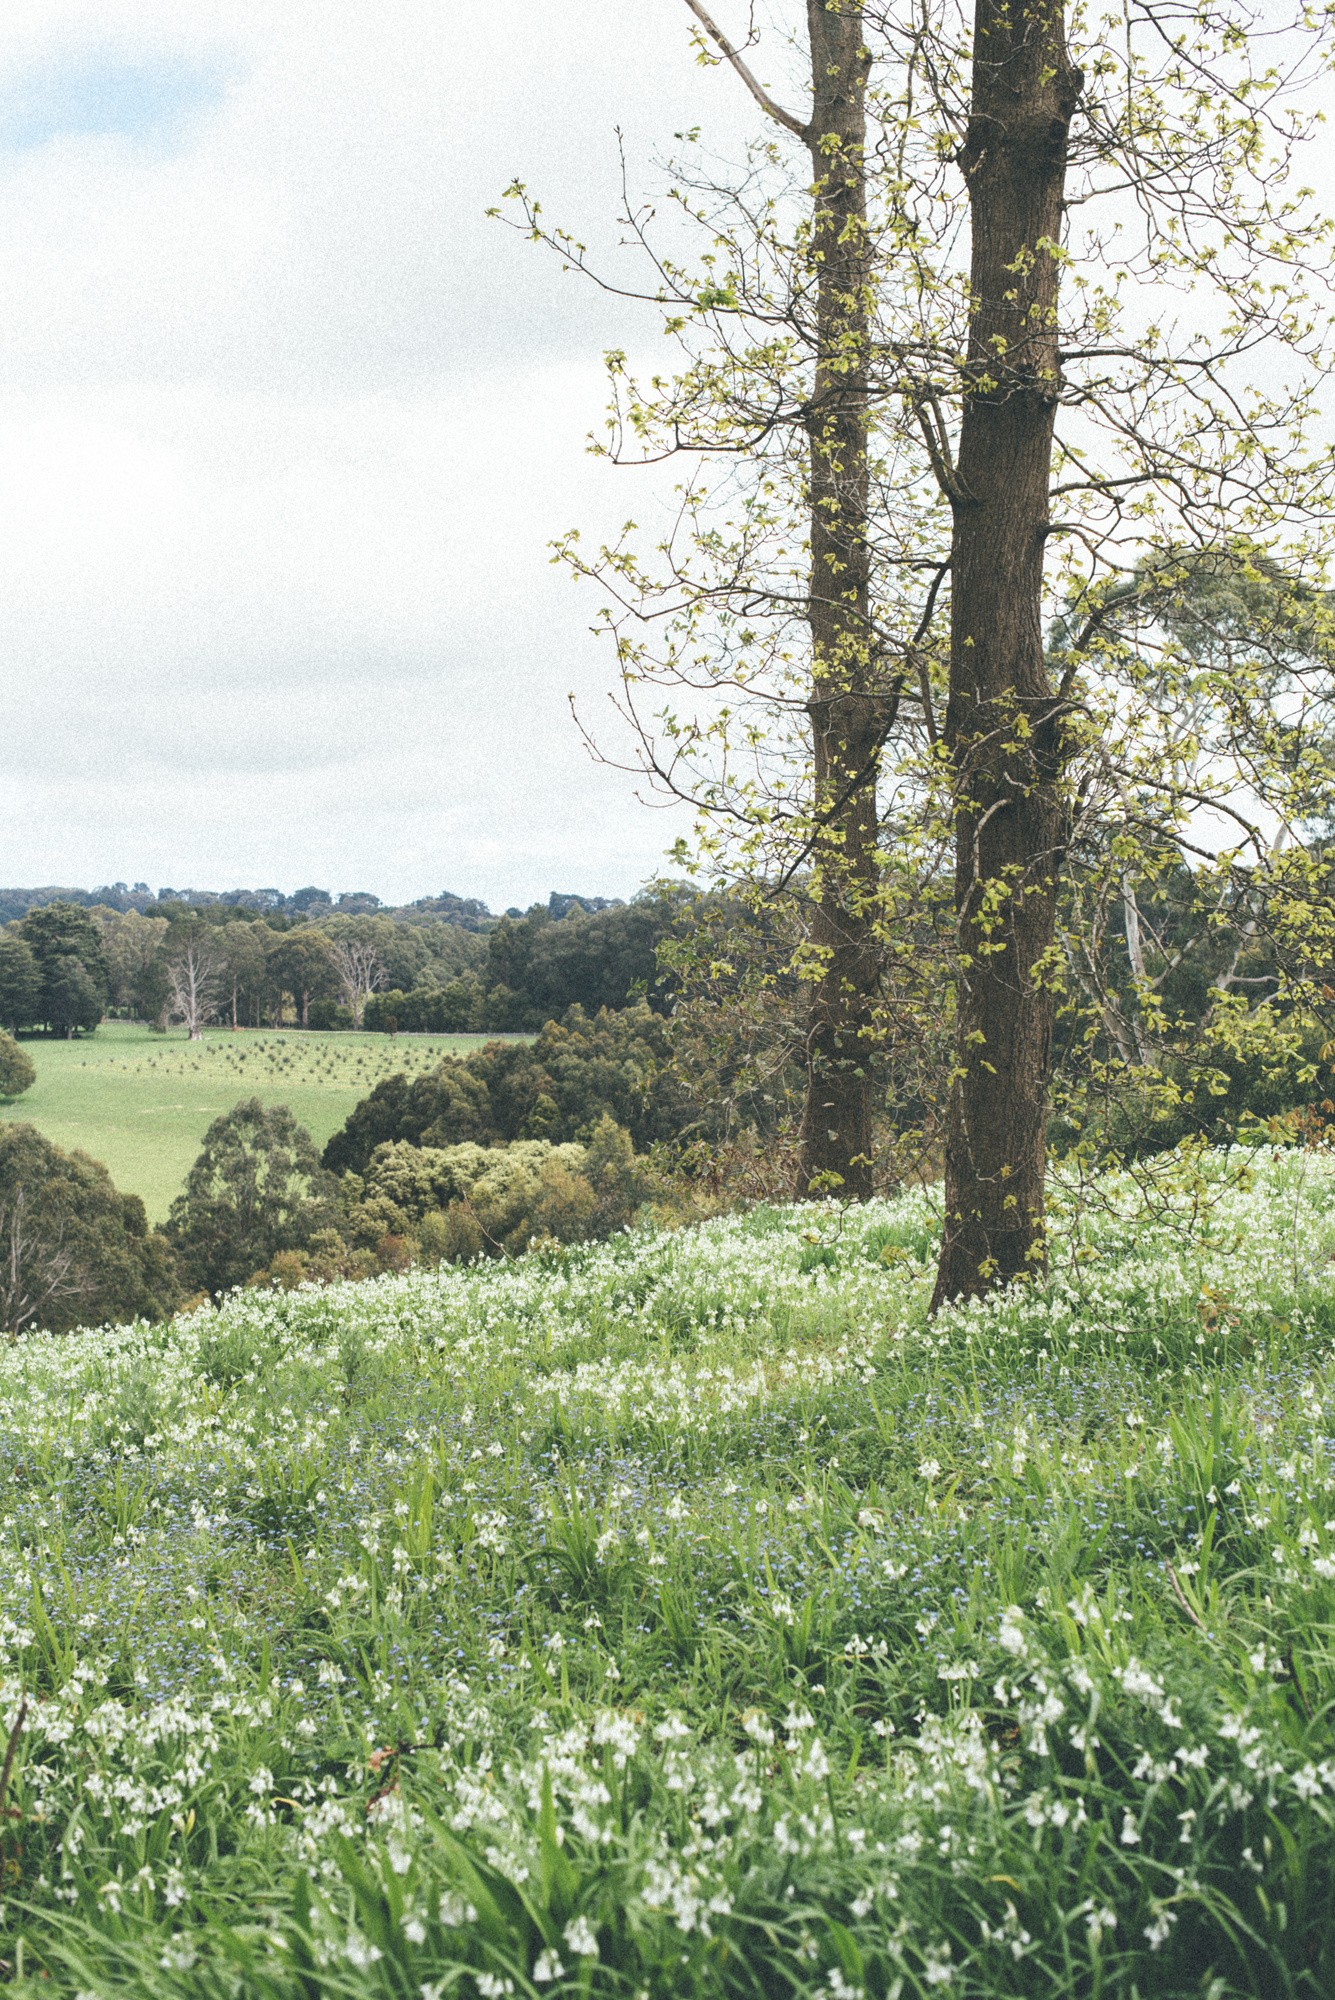 Countryside iii